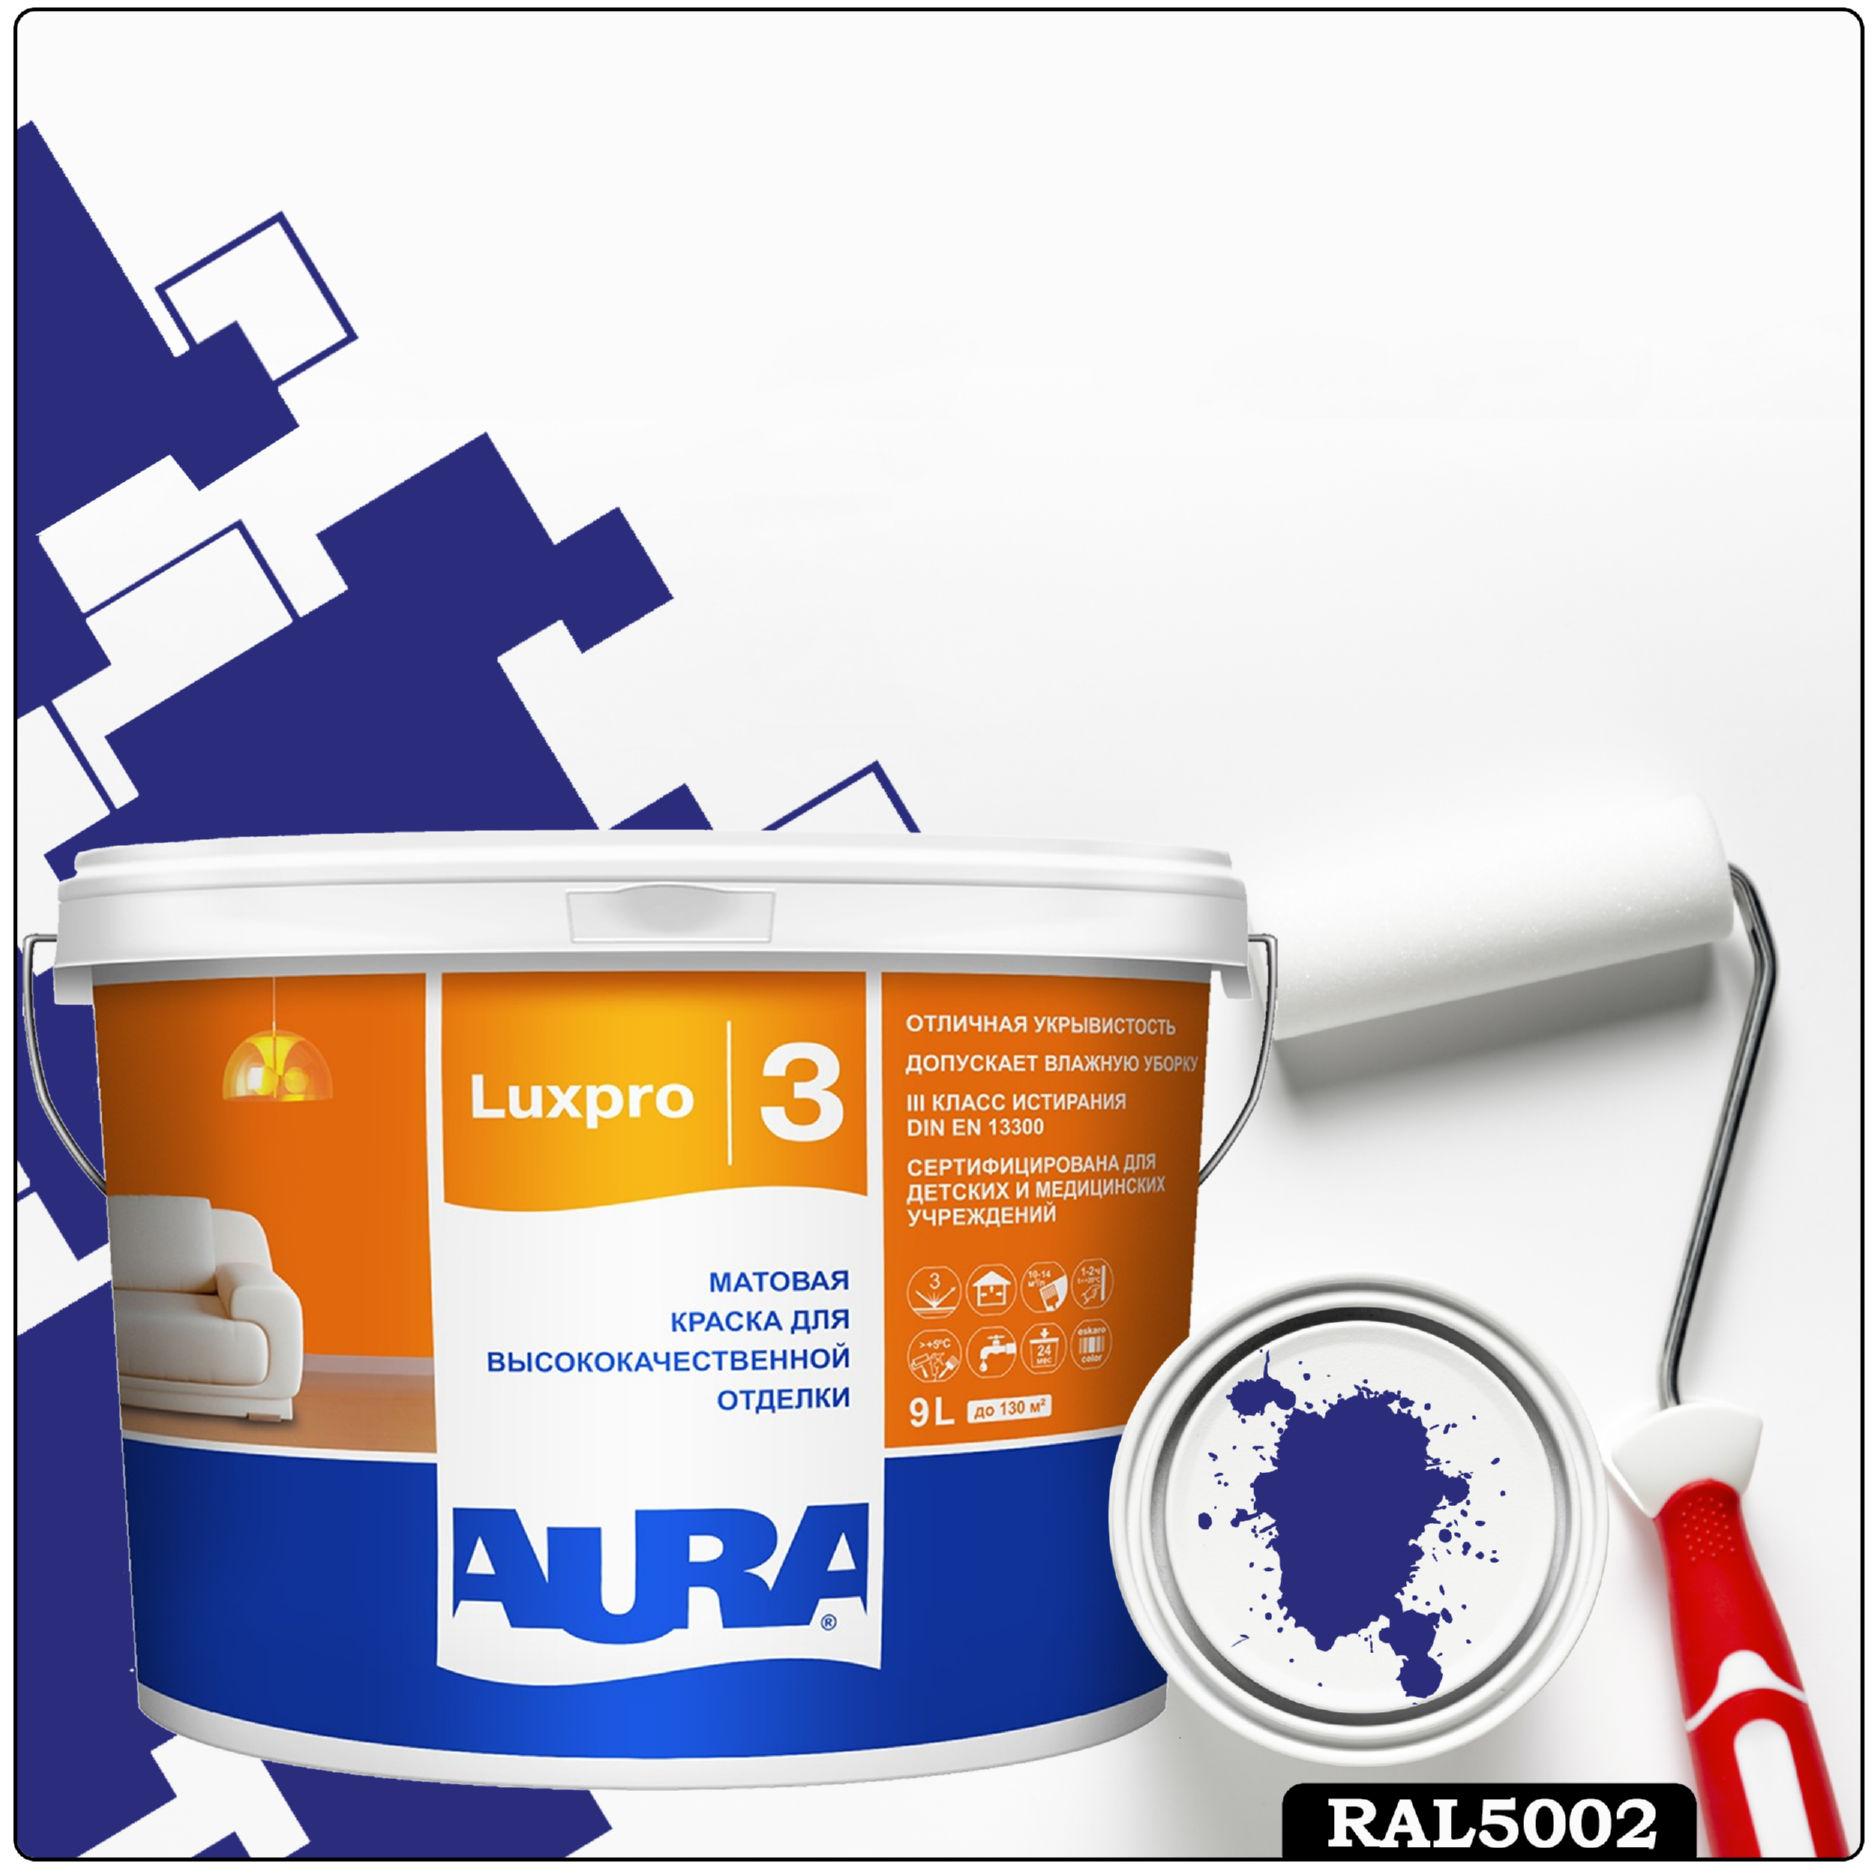 Фото 3 - Краска Aura LuxPRO 3, RAL 5002 Ультрамариново-синий, латексная, шелково-матовая, интерьерная, 9л, Аура.